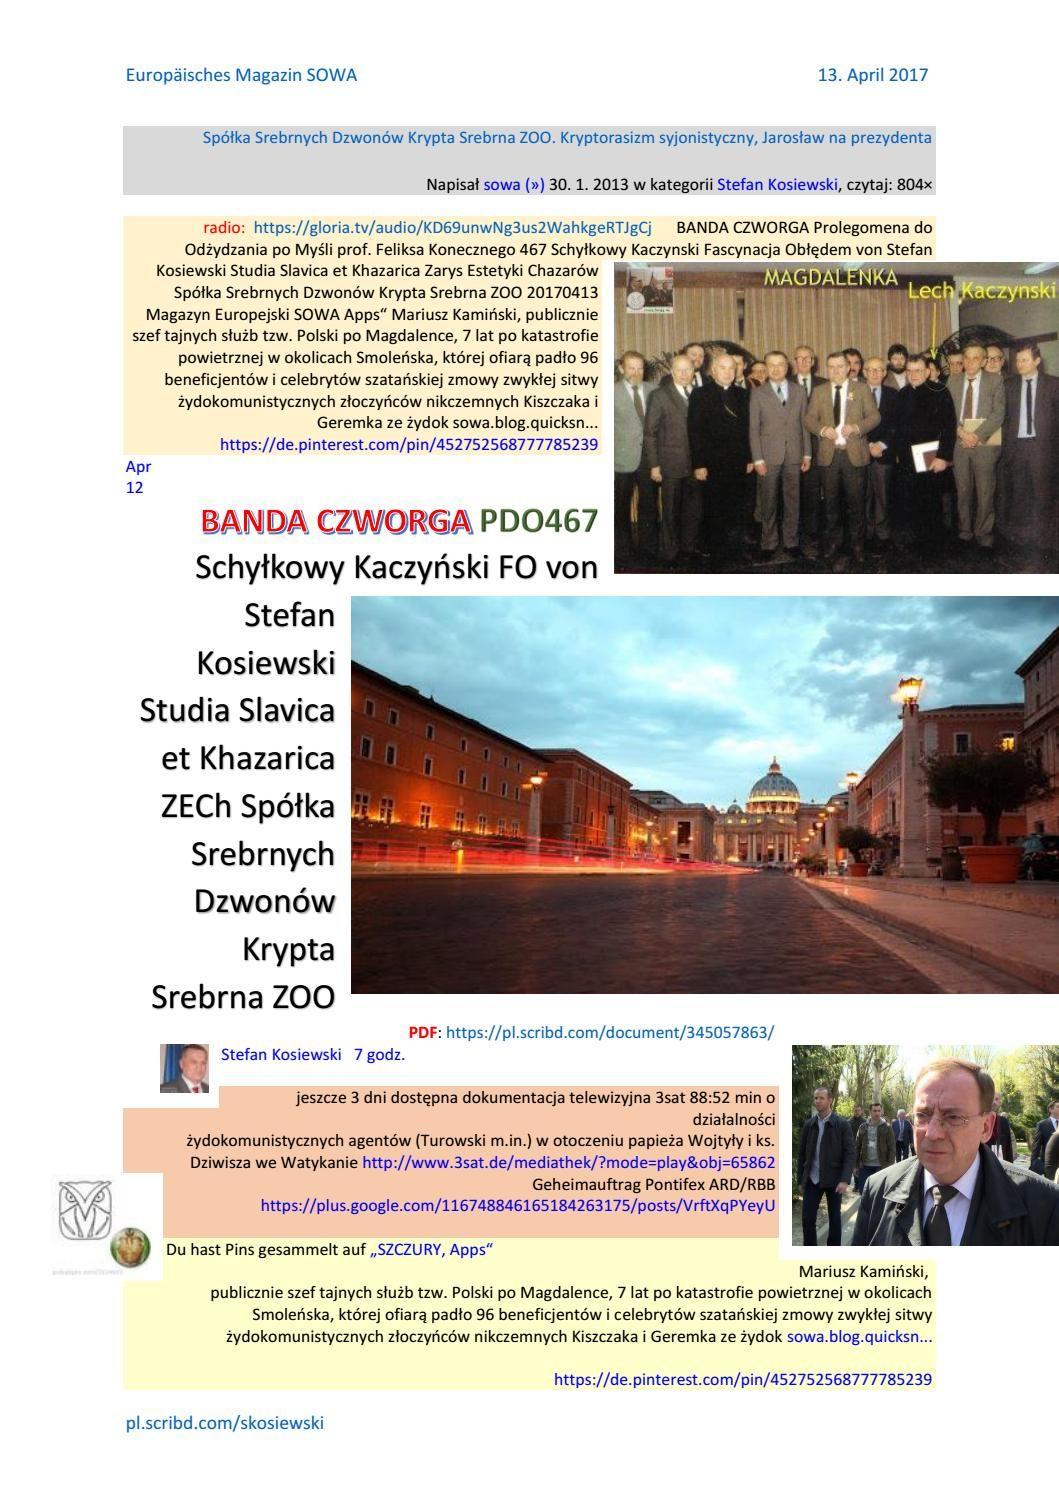 https://pl.scribd.com/document/345057863/ BANDA CZWORGA PDO467 Schylkowy Kaczynski  radio: https://gloria.tv/audio/KD69unwNg3us2WahkgeRTJgCj  FO von Stefan Kosiewski Studia Slavica et Khazarica ZECh  http://sowa-magazyn.blogspot.de/2017/04/ Spolka Srebrnych Dzwonow Krypta Srebrna ZOO 20170413 ME SOWA http://sowa.blog.quicksnake.pl/Stefan-Kosiewski/Spoka-Srebrnych-Dzwonow-Krypta-Srebrna-ZOO-Kryptorasizm-syjonistyczny-Jarosaw-na-prezydenta